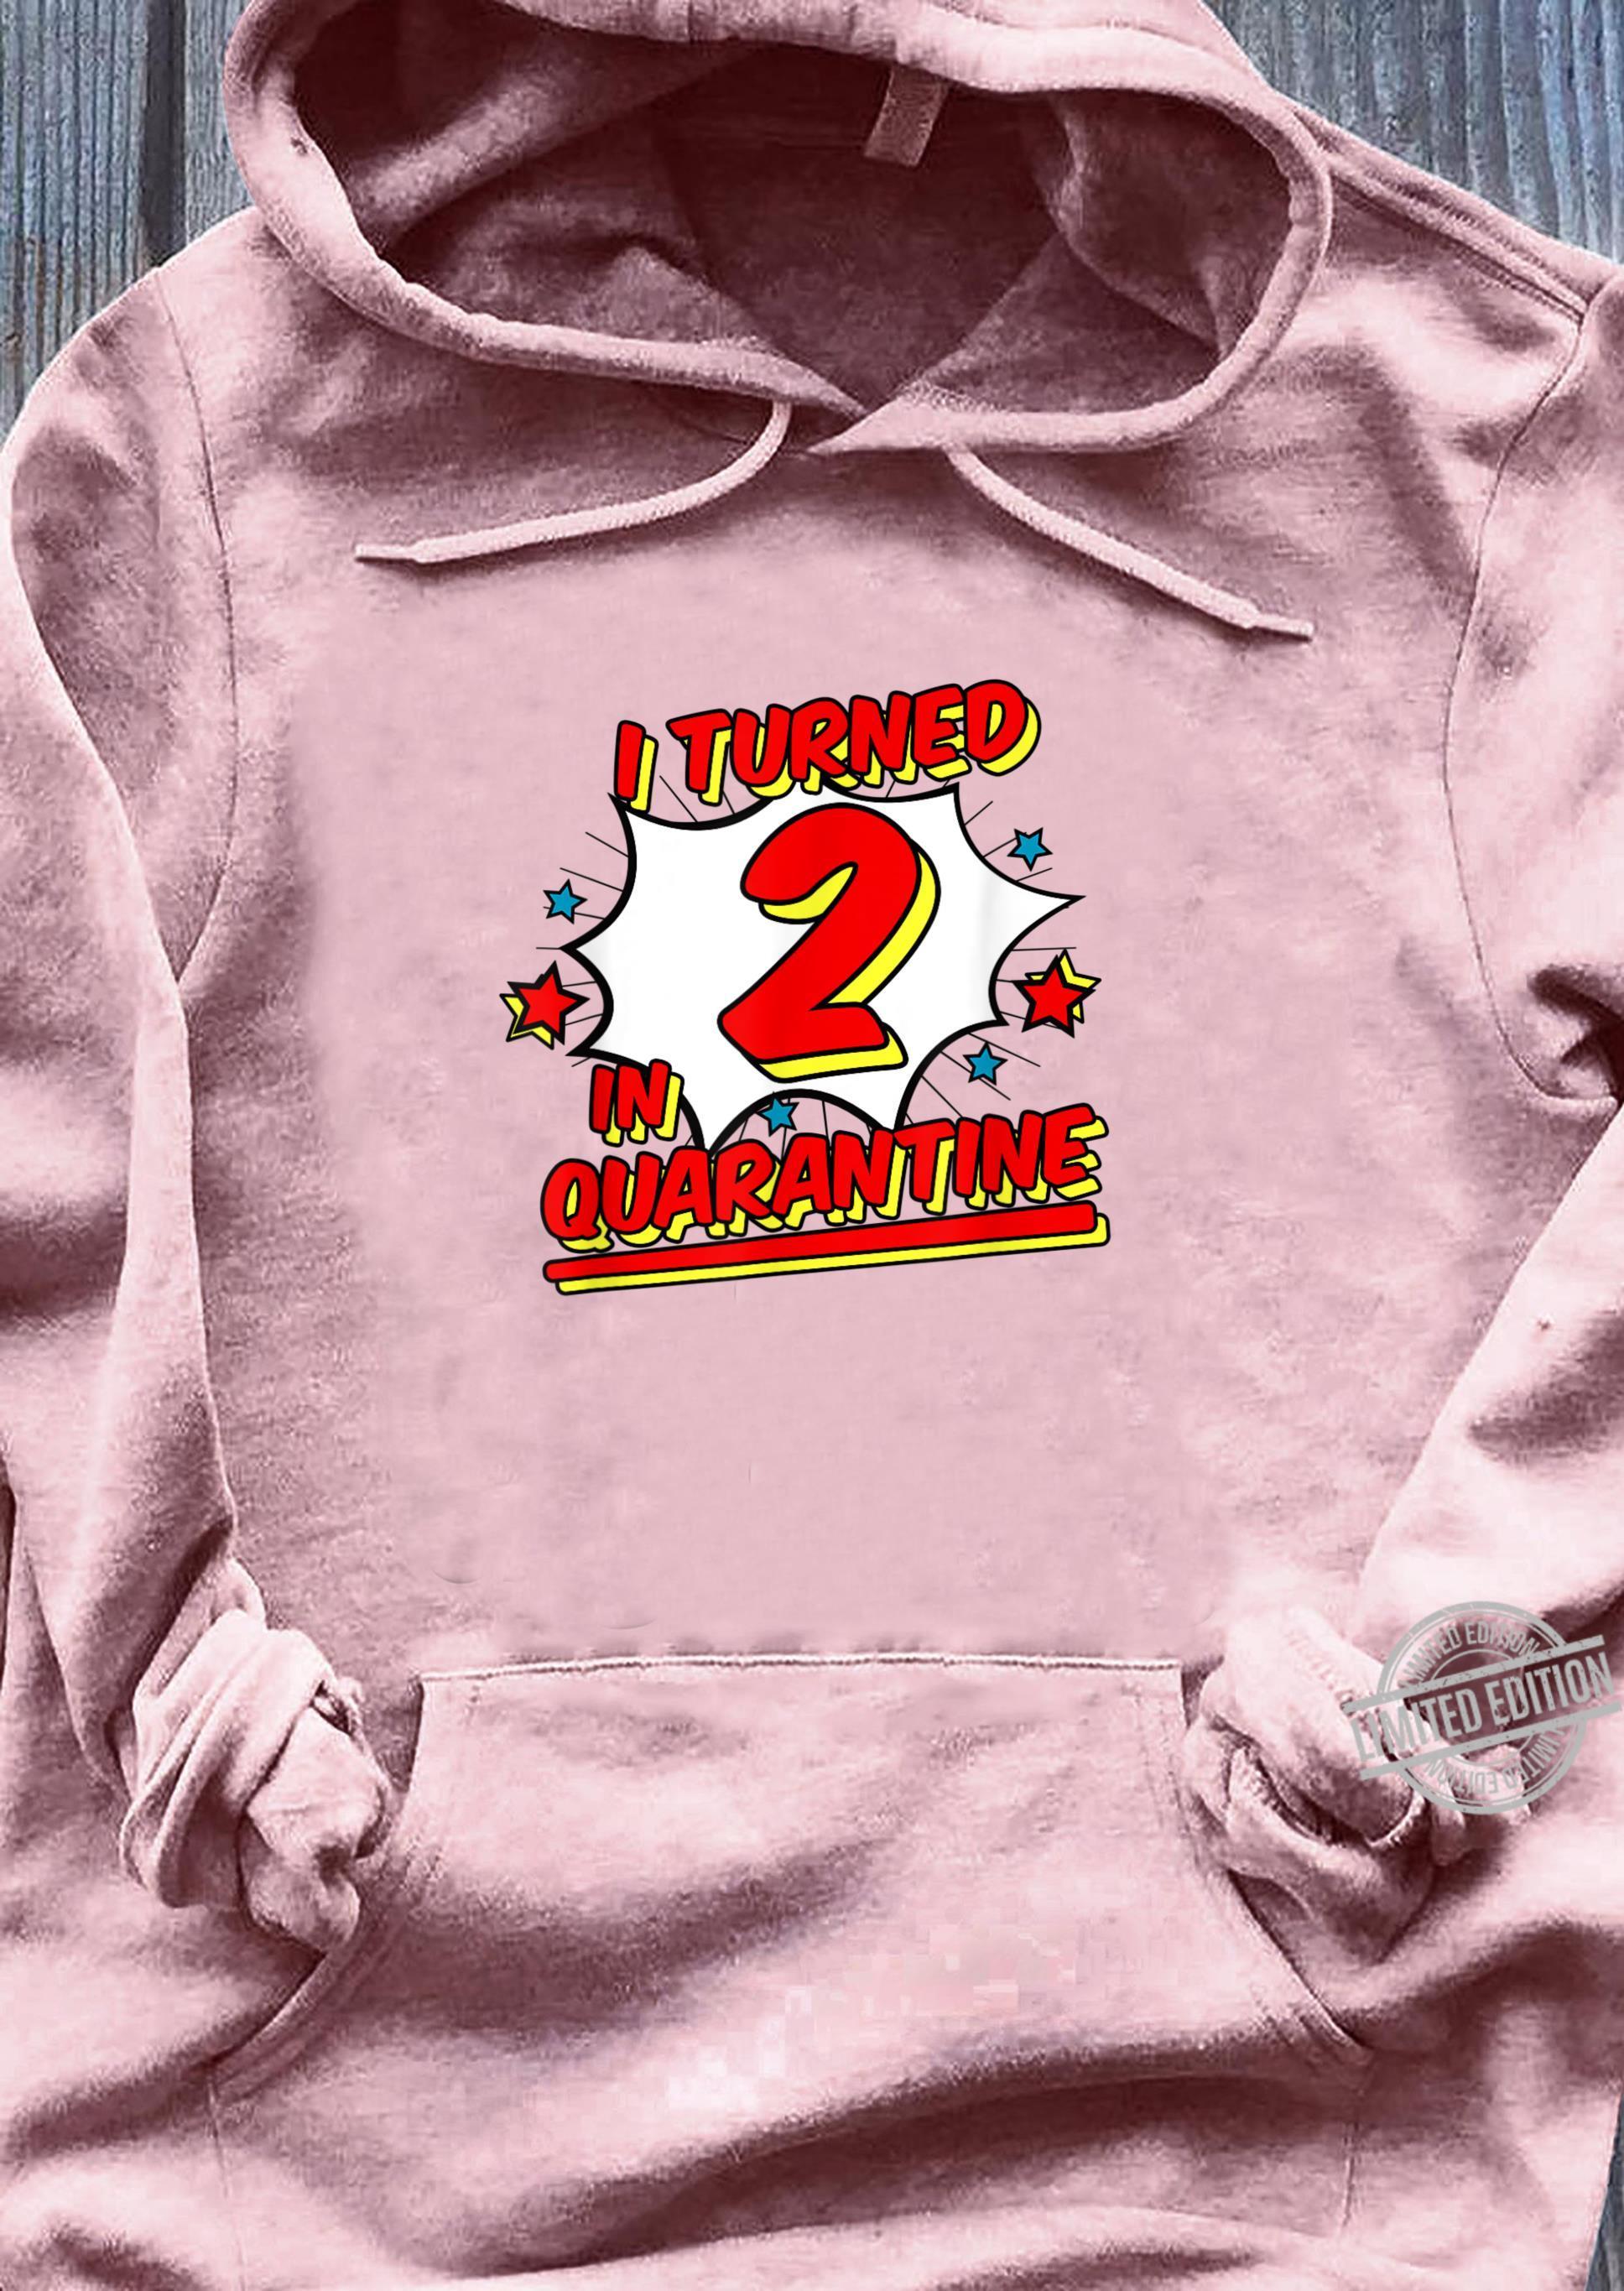 I Turned 2 In Quarantine Shirt Superhero Birthday Shirt ladies tee